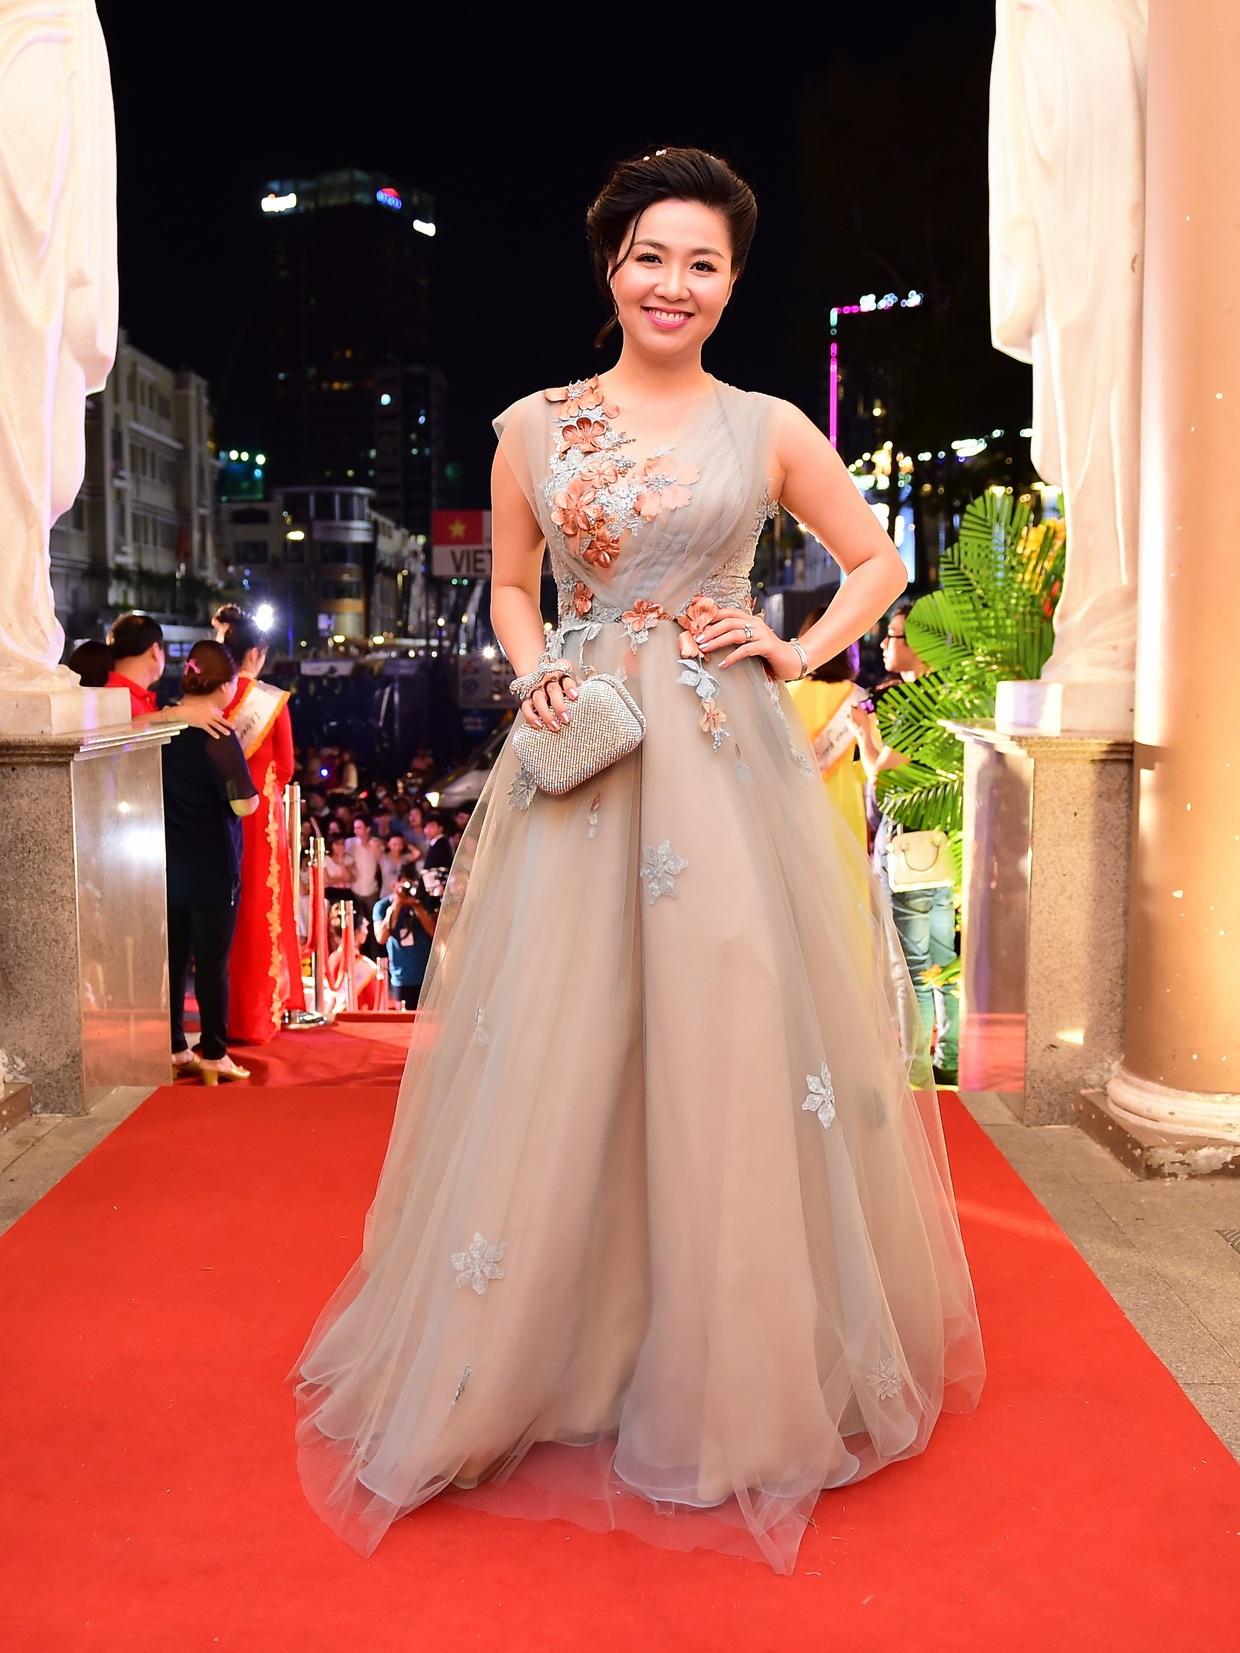 Diễn viên Lê Khánh nhận được giải thưởng Nữ diễn viên sân khấu được yêu thích nhất với vai Hồng trongvở kịch Cần ai đó để được yêu thương, nhưng rất tiếc khi trao giải Lê Khánh vắng mặt.